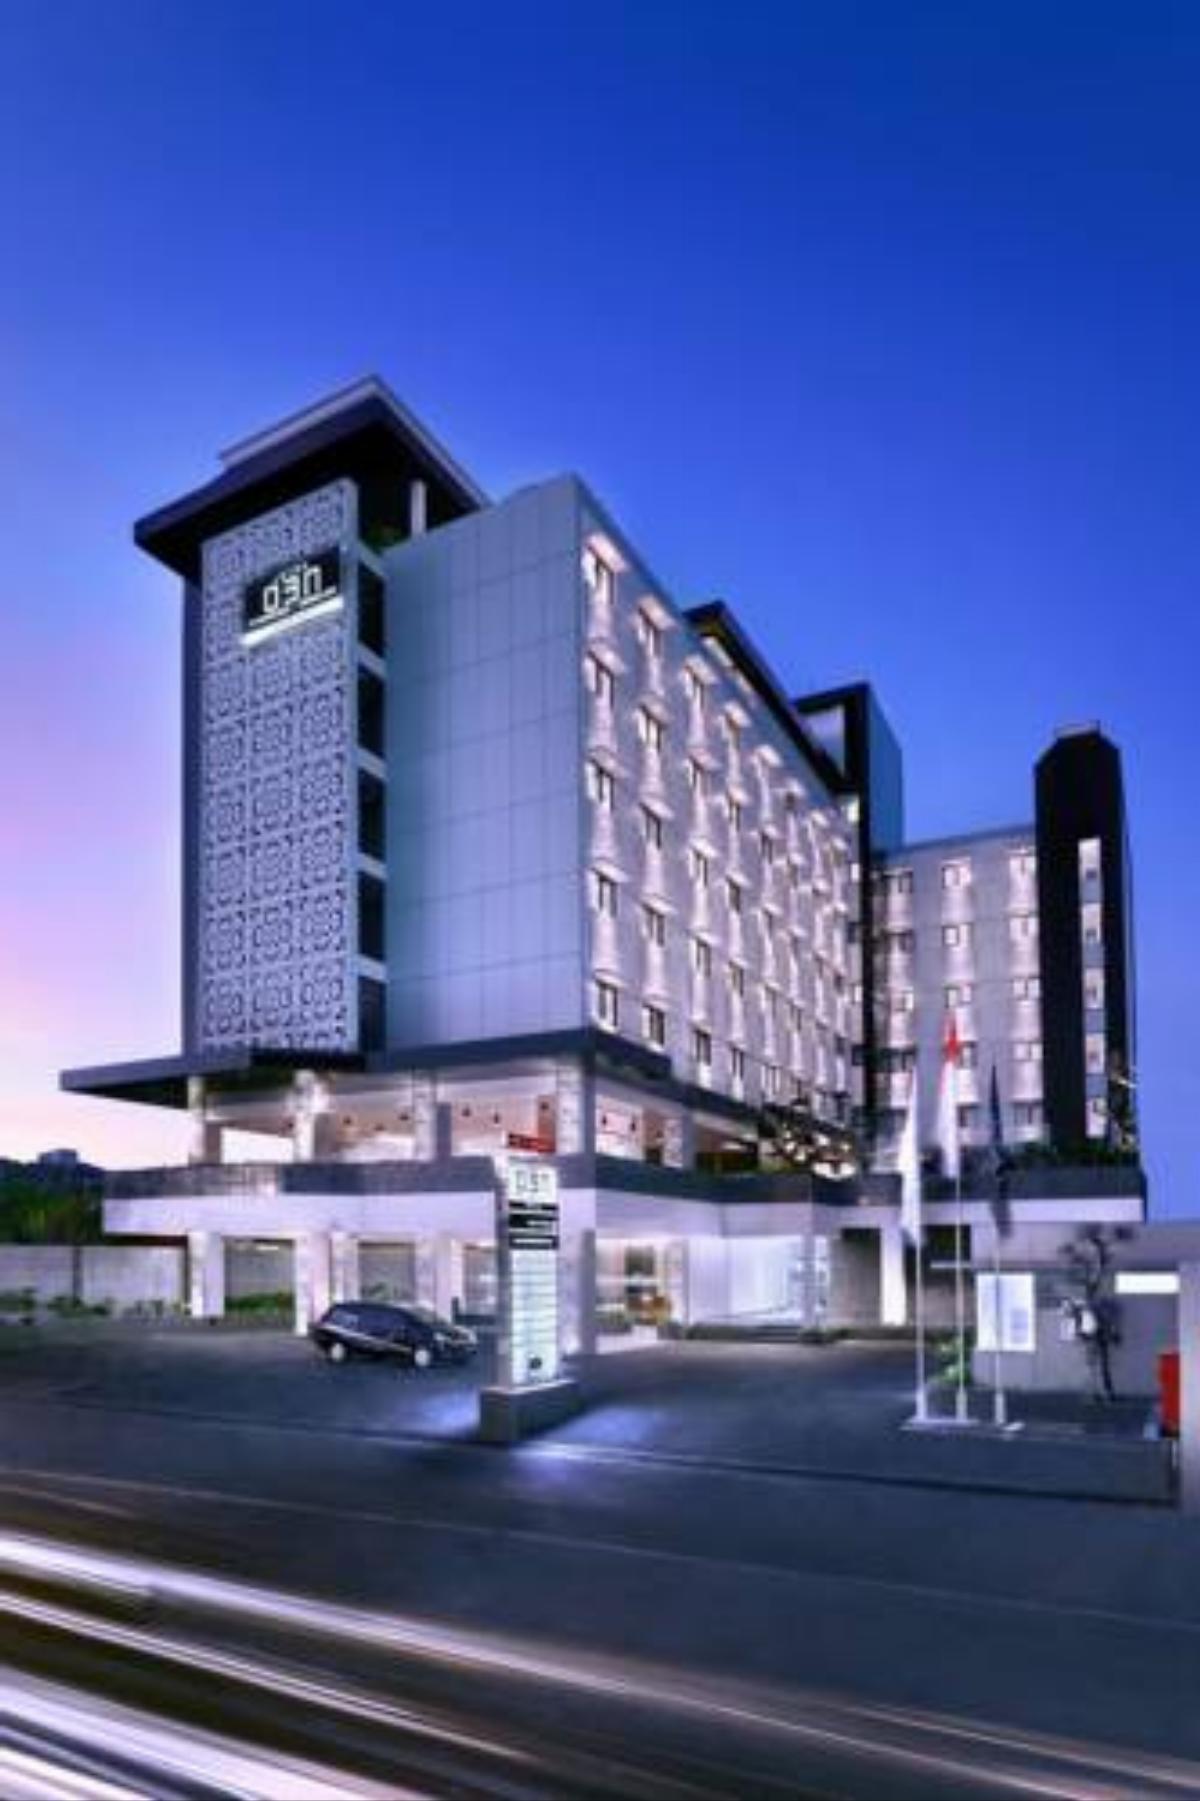 Hotel Neo Malioboro Hotel Yogyakarta Indonesia Overview